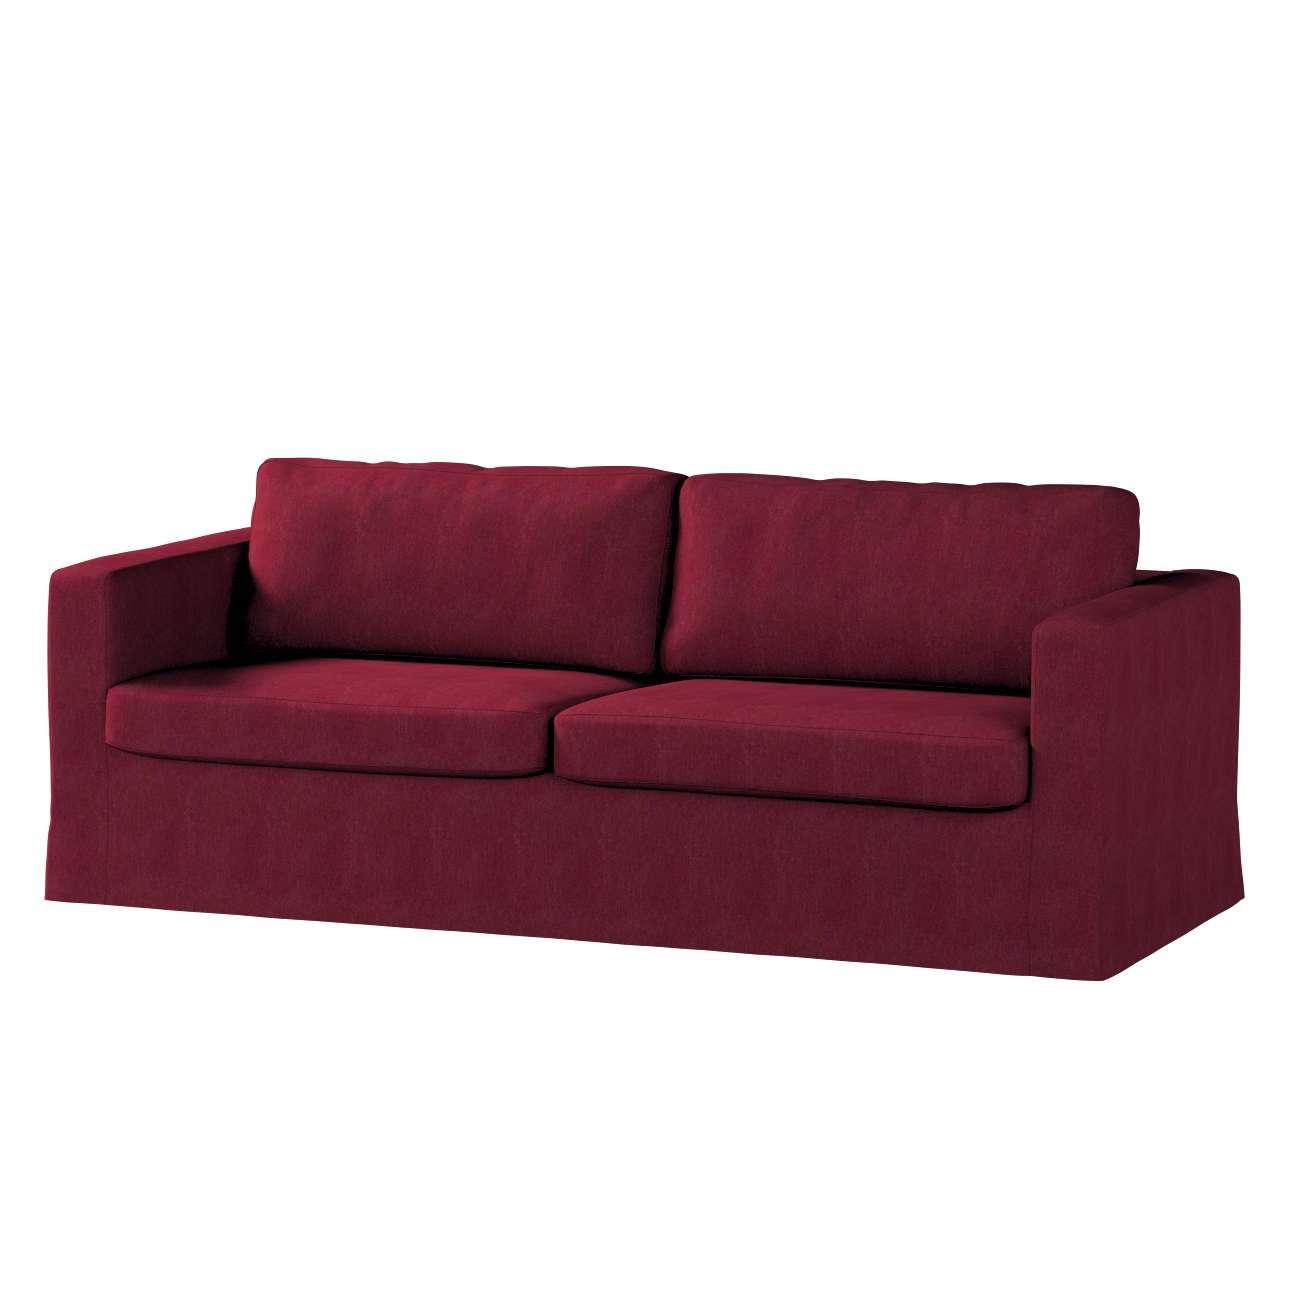 Karlstad trivietės sofos užvalkalas (ilgas, iki žemės) Karlstad trivietės sofos užvalkalas (ilgas, iki žemės) kolekcijoje Chenille, audinys: 702-19